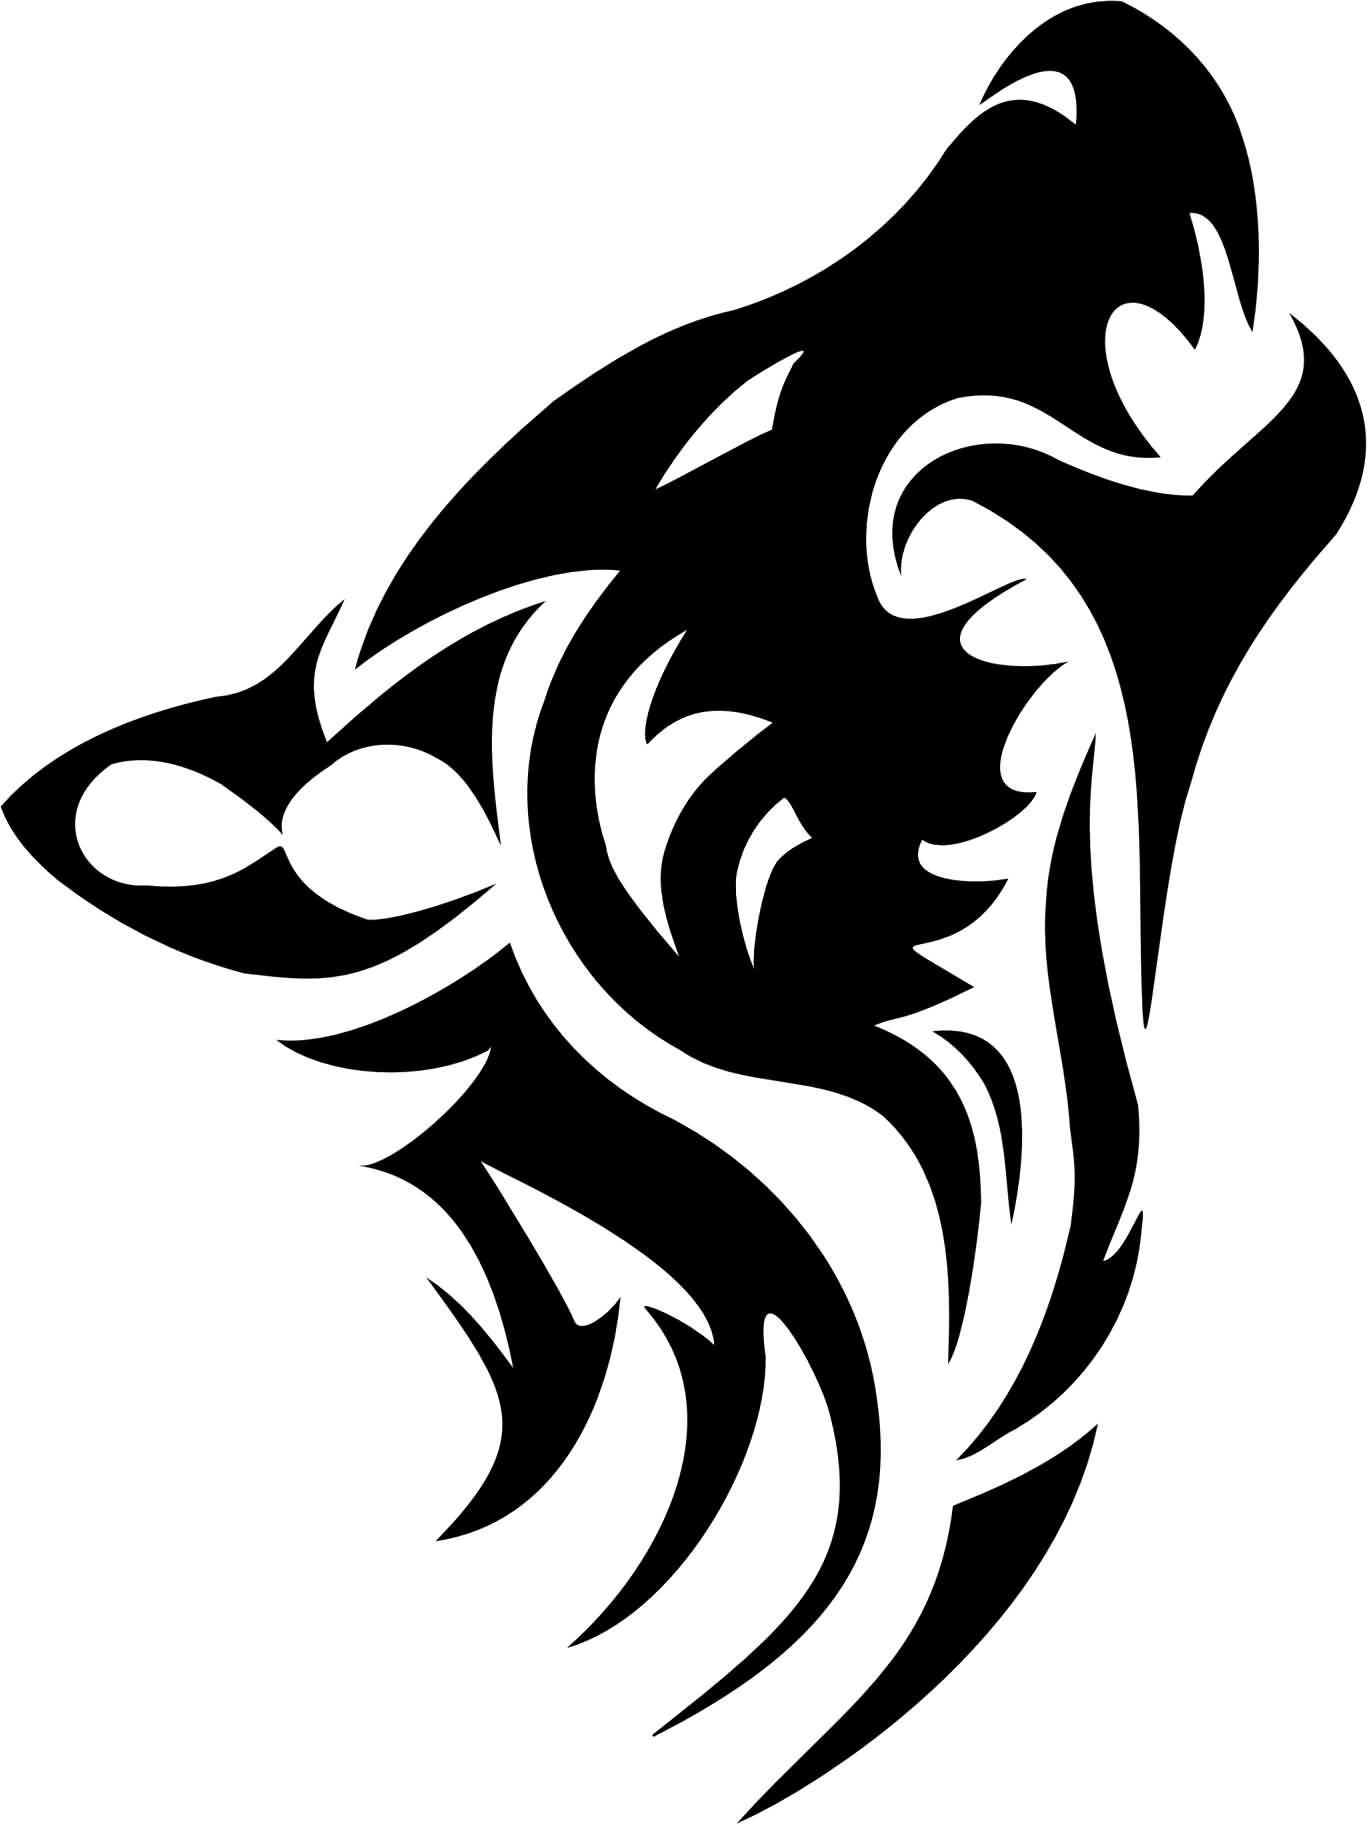 Wonderful Roaring Tribal Wolf Head Tattoo Design Tribal Wolf Tattoo Tribal Animal Tattoos Tribal Wolf